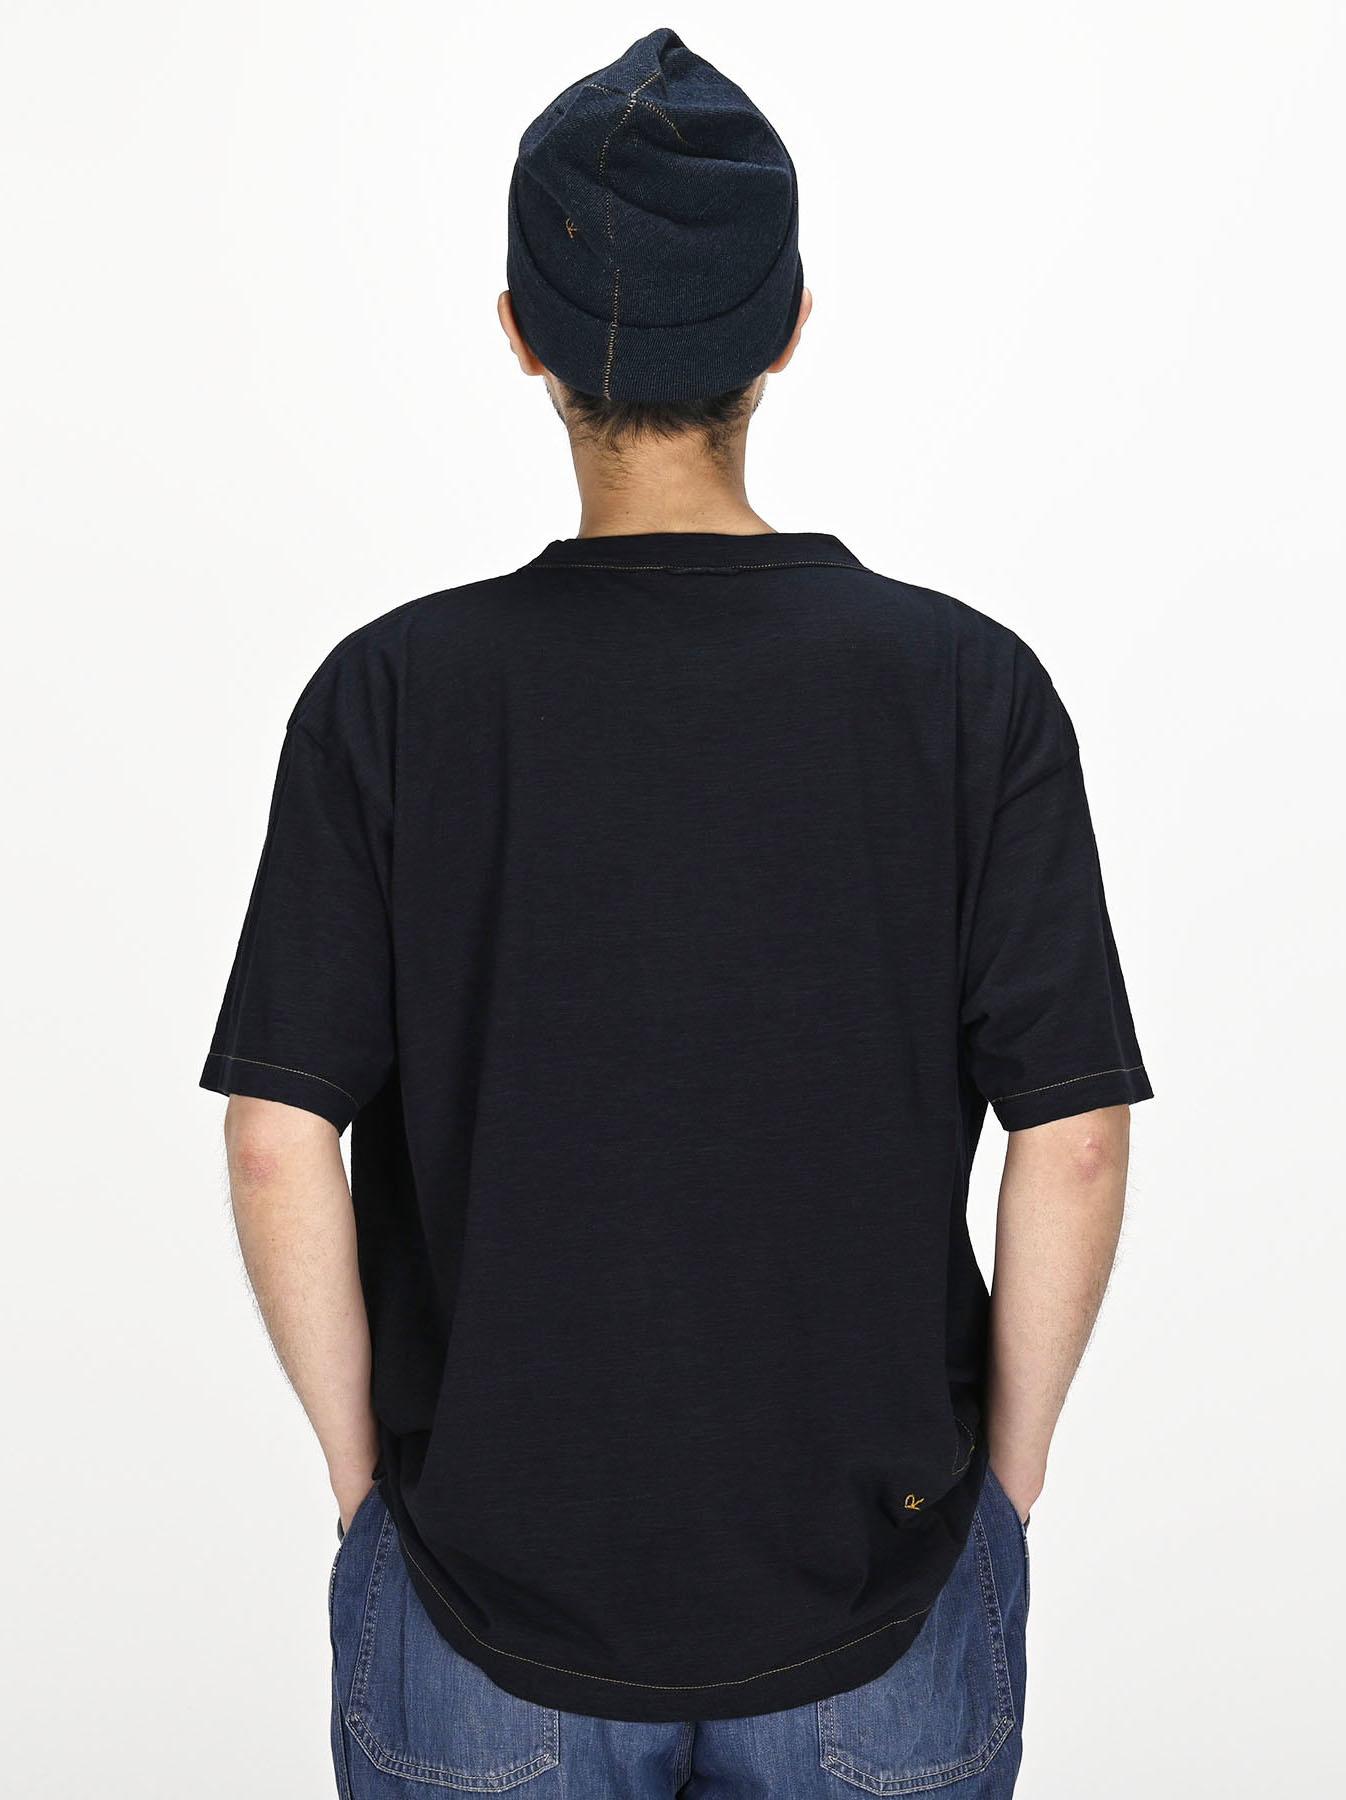 Indigo Sumite de Whale T-shirt-4